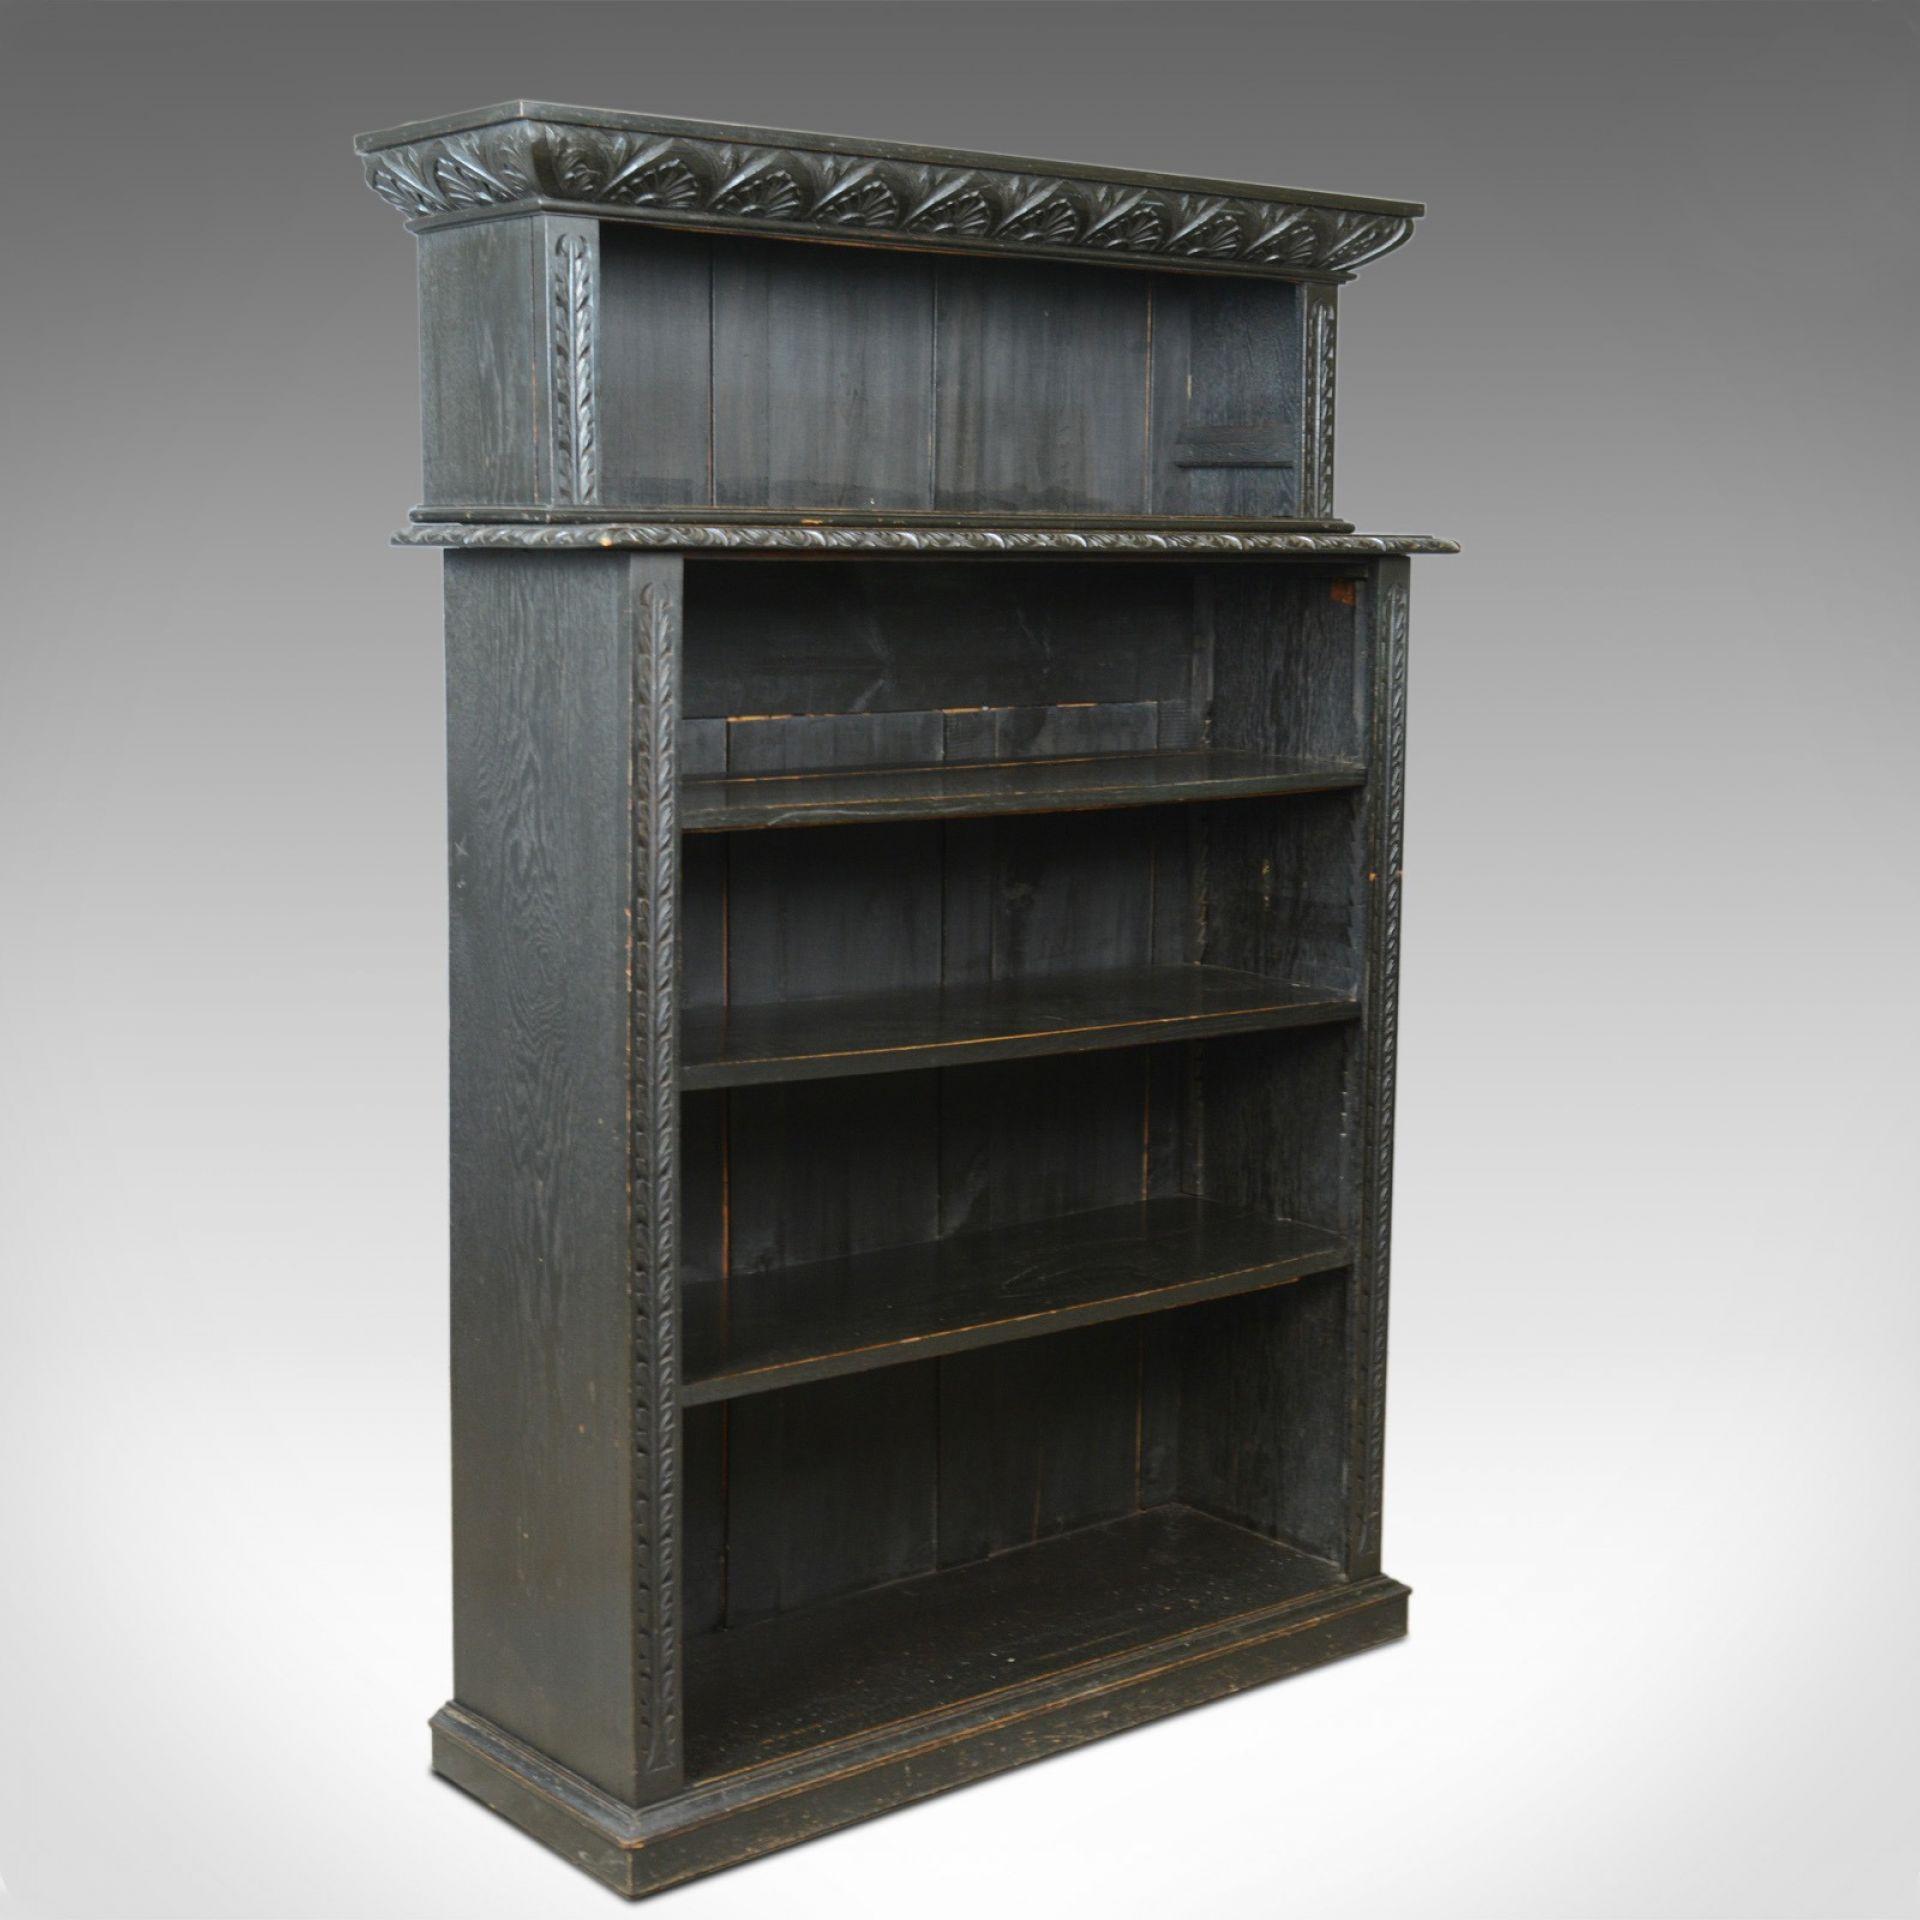 Antique Open Bookshelf, Oak, Victorian, Bookcase, Jacobean Overtones Circa 1890